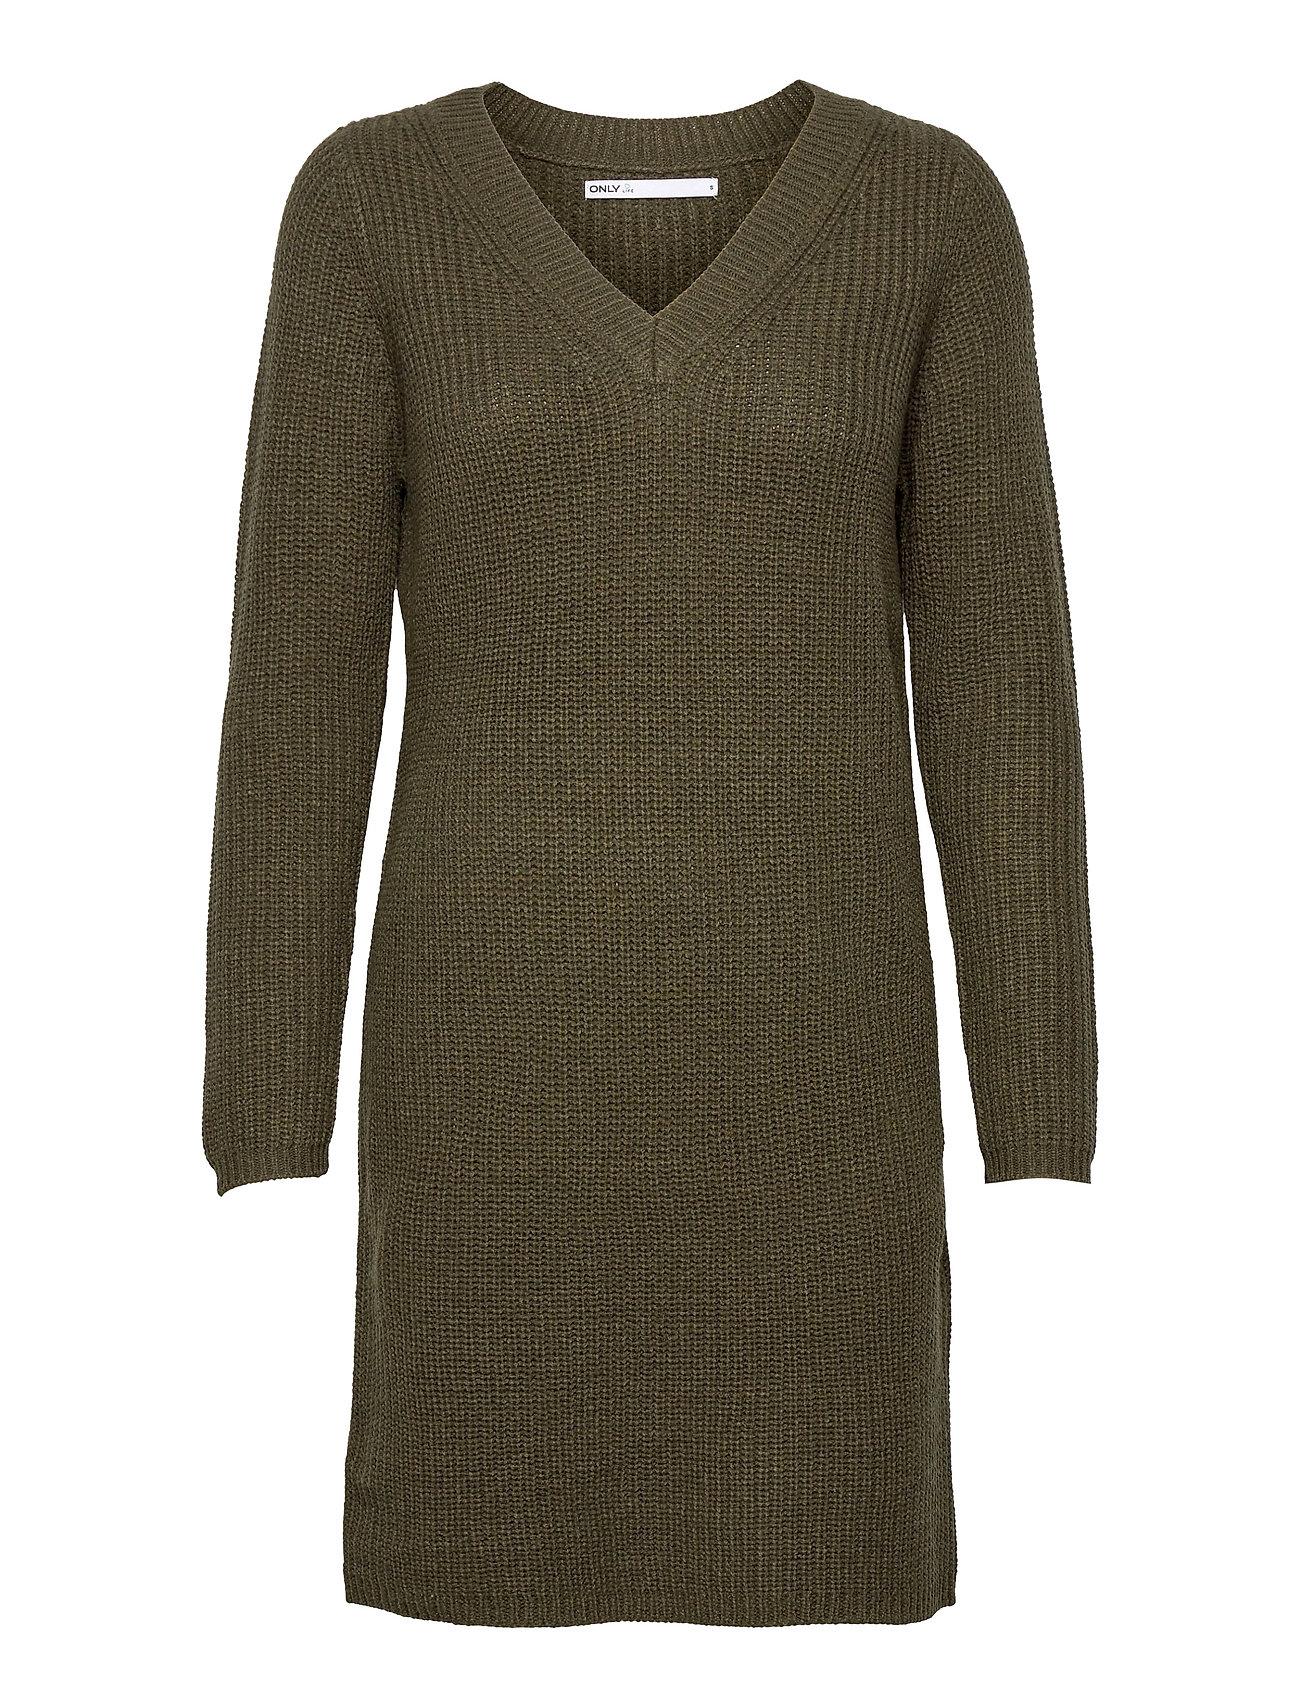 Onlmelton Life L/S Dress Knt Knælang Kjole Grøn ONLY